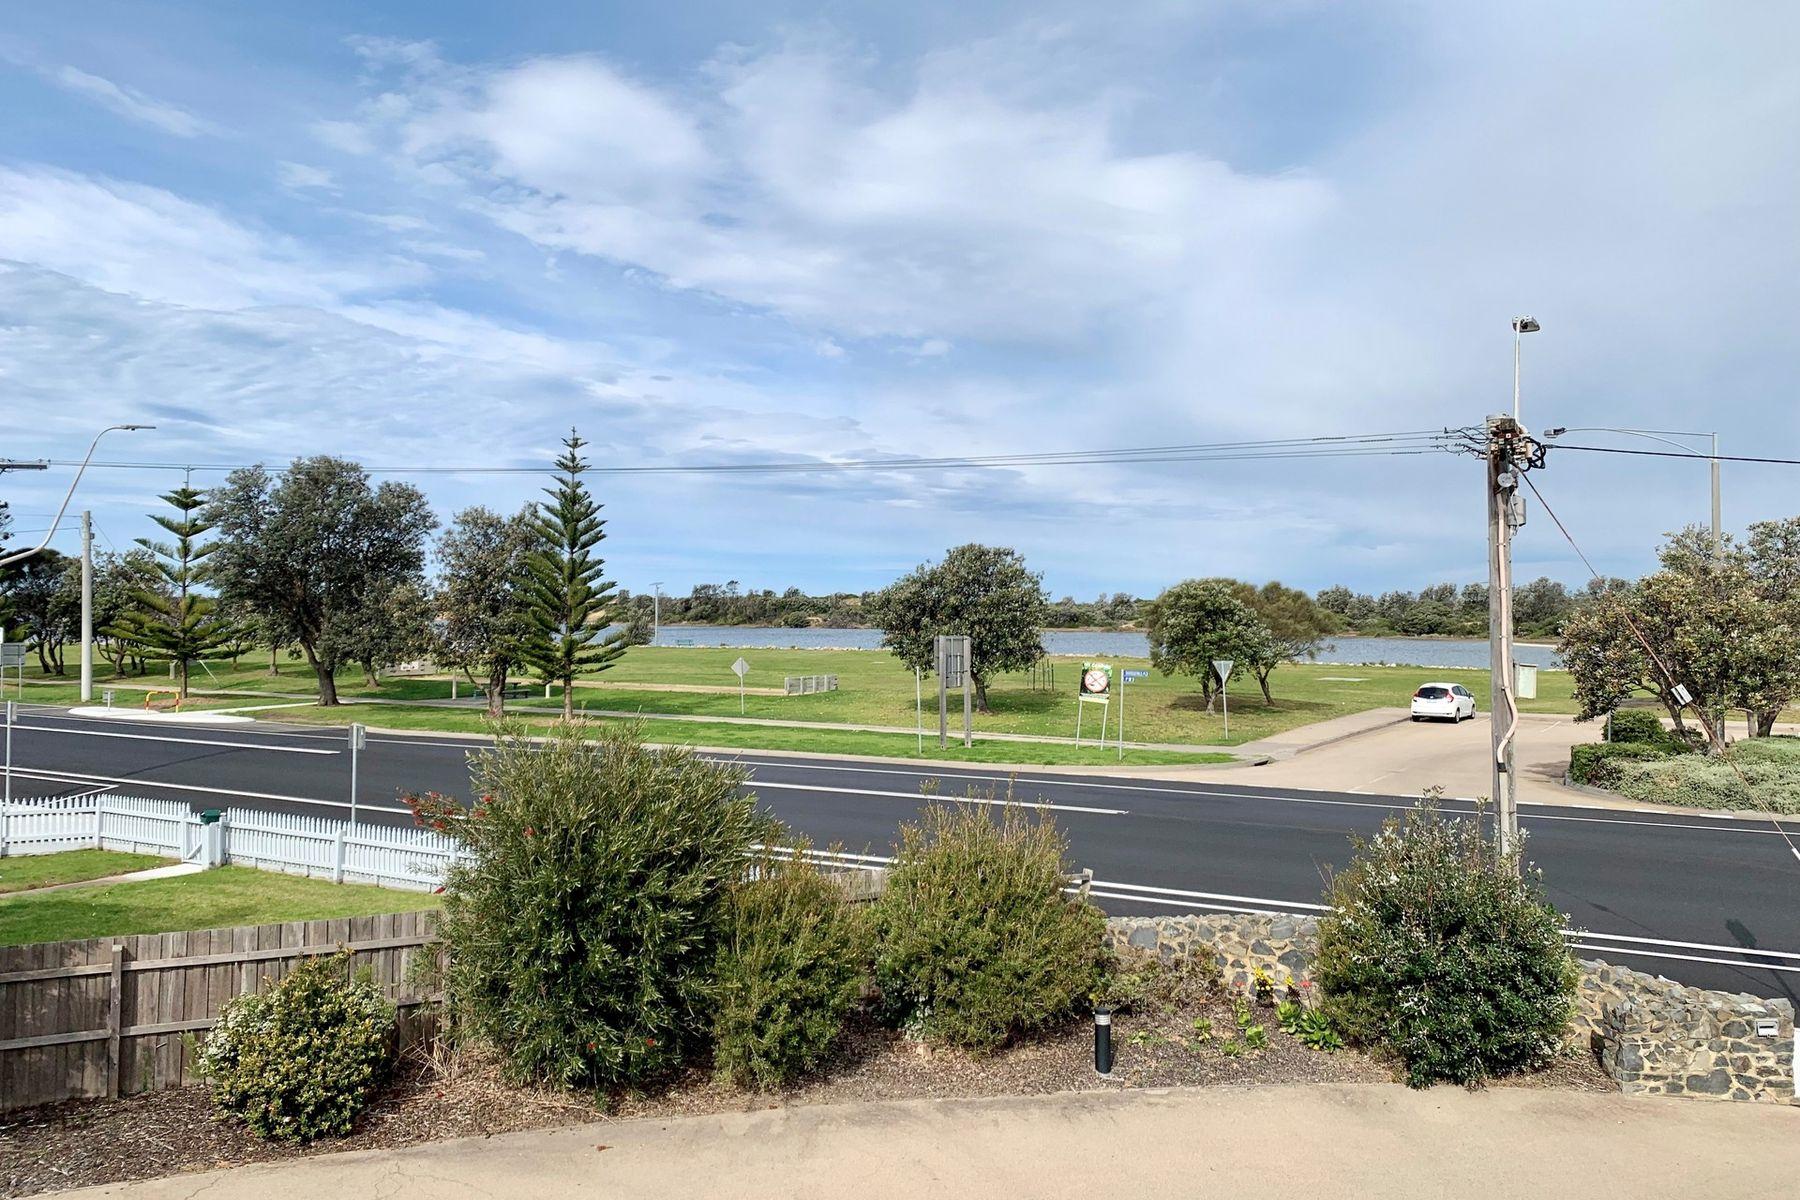 3/605 Esplanade, Lakes Entrance, VIC 3909